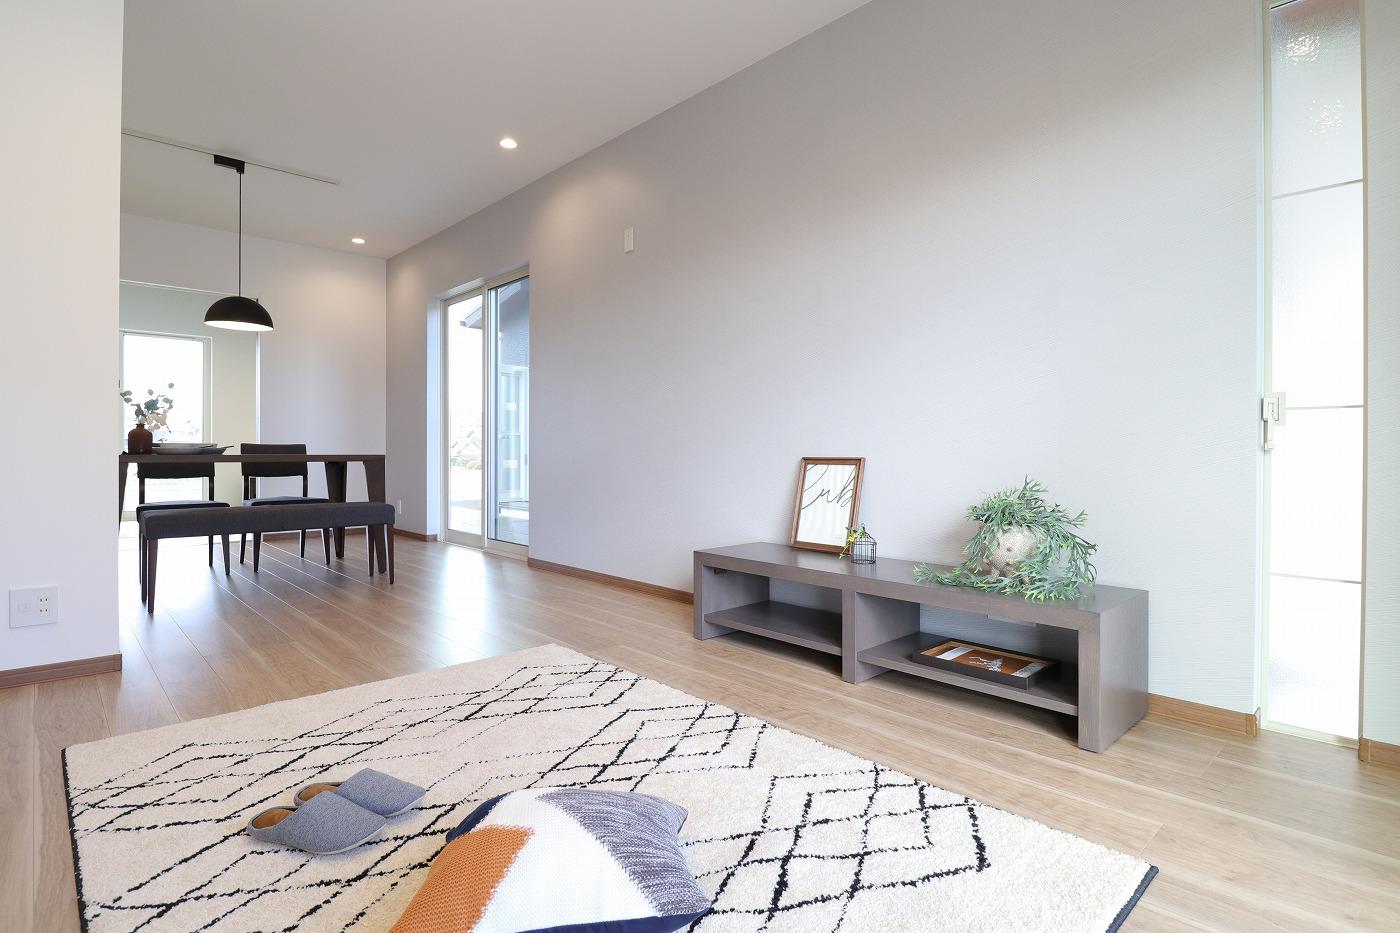 高松市仏生山町の新築建売住宅のLDK